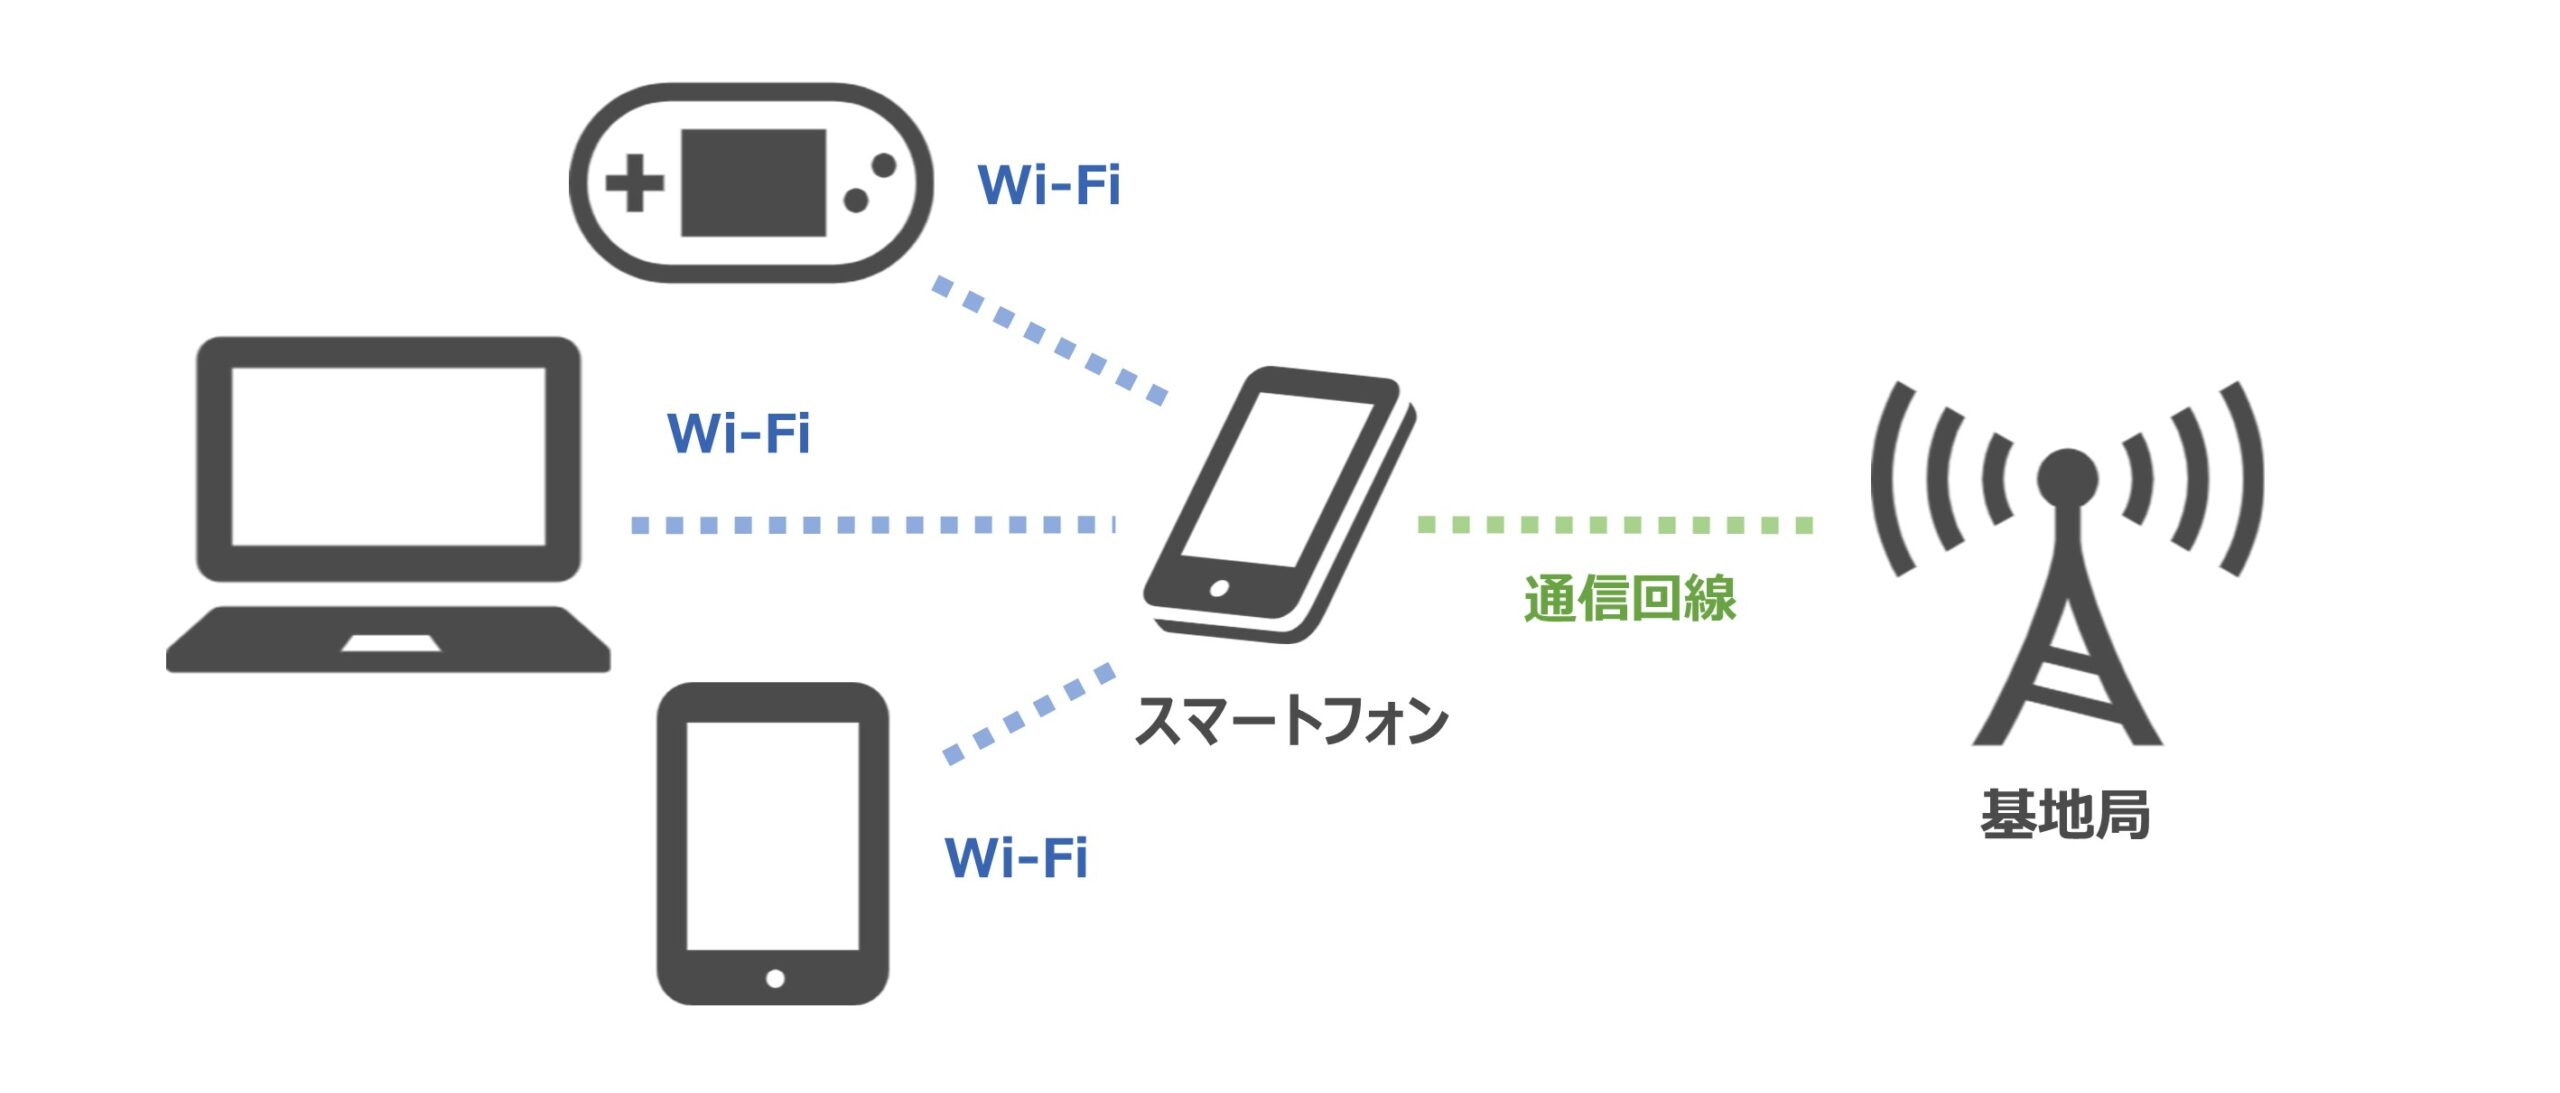 ポケットWi-Fiとデザリングとの違い